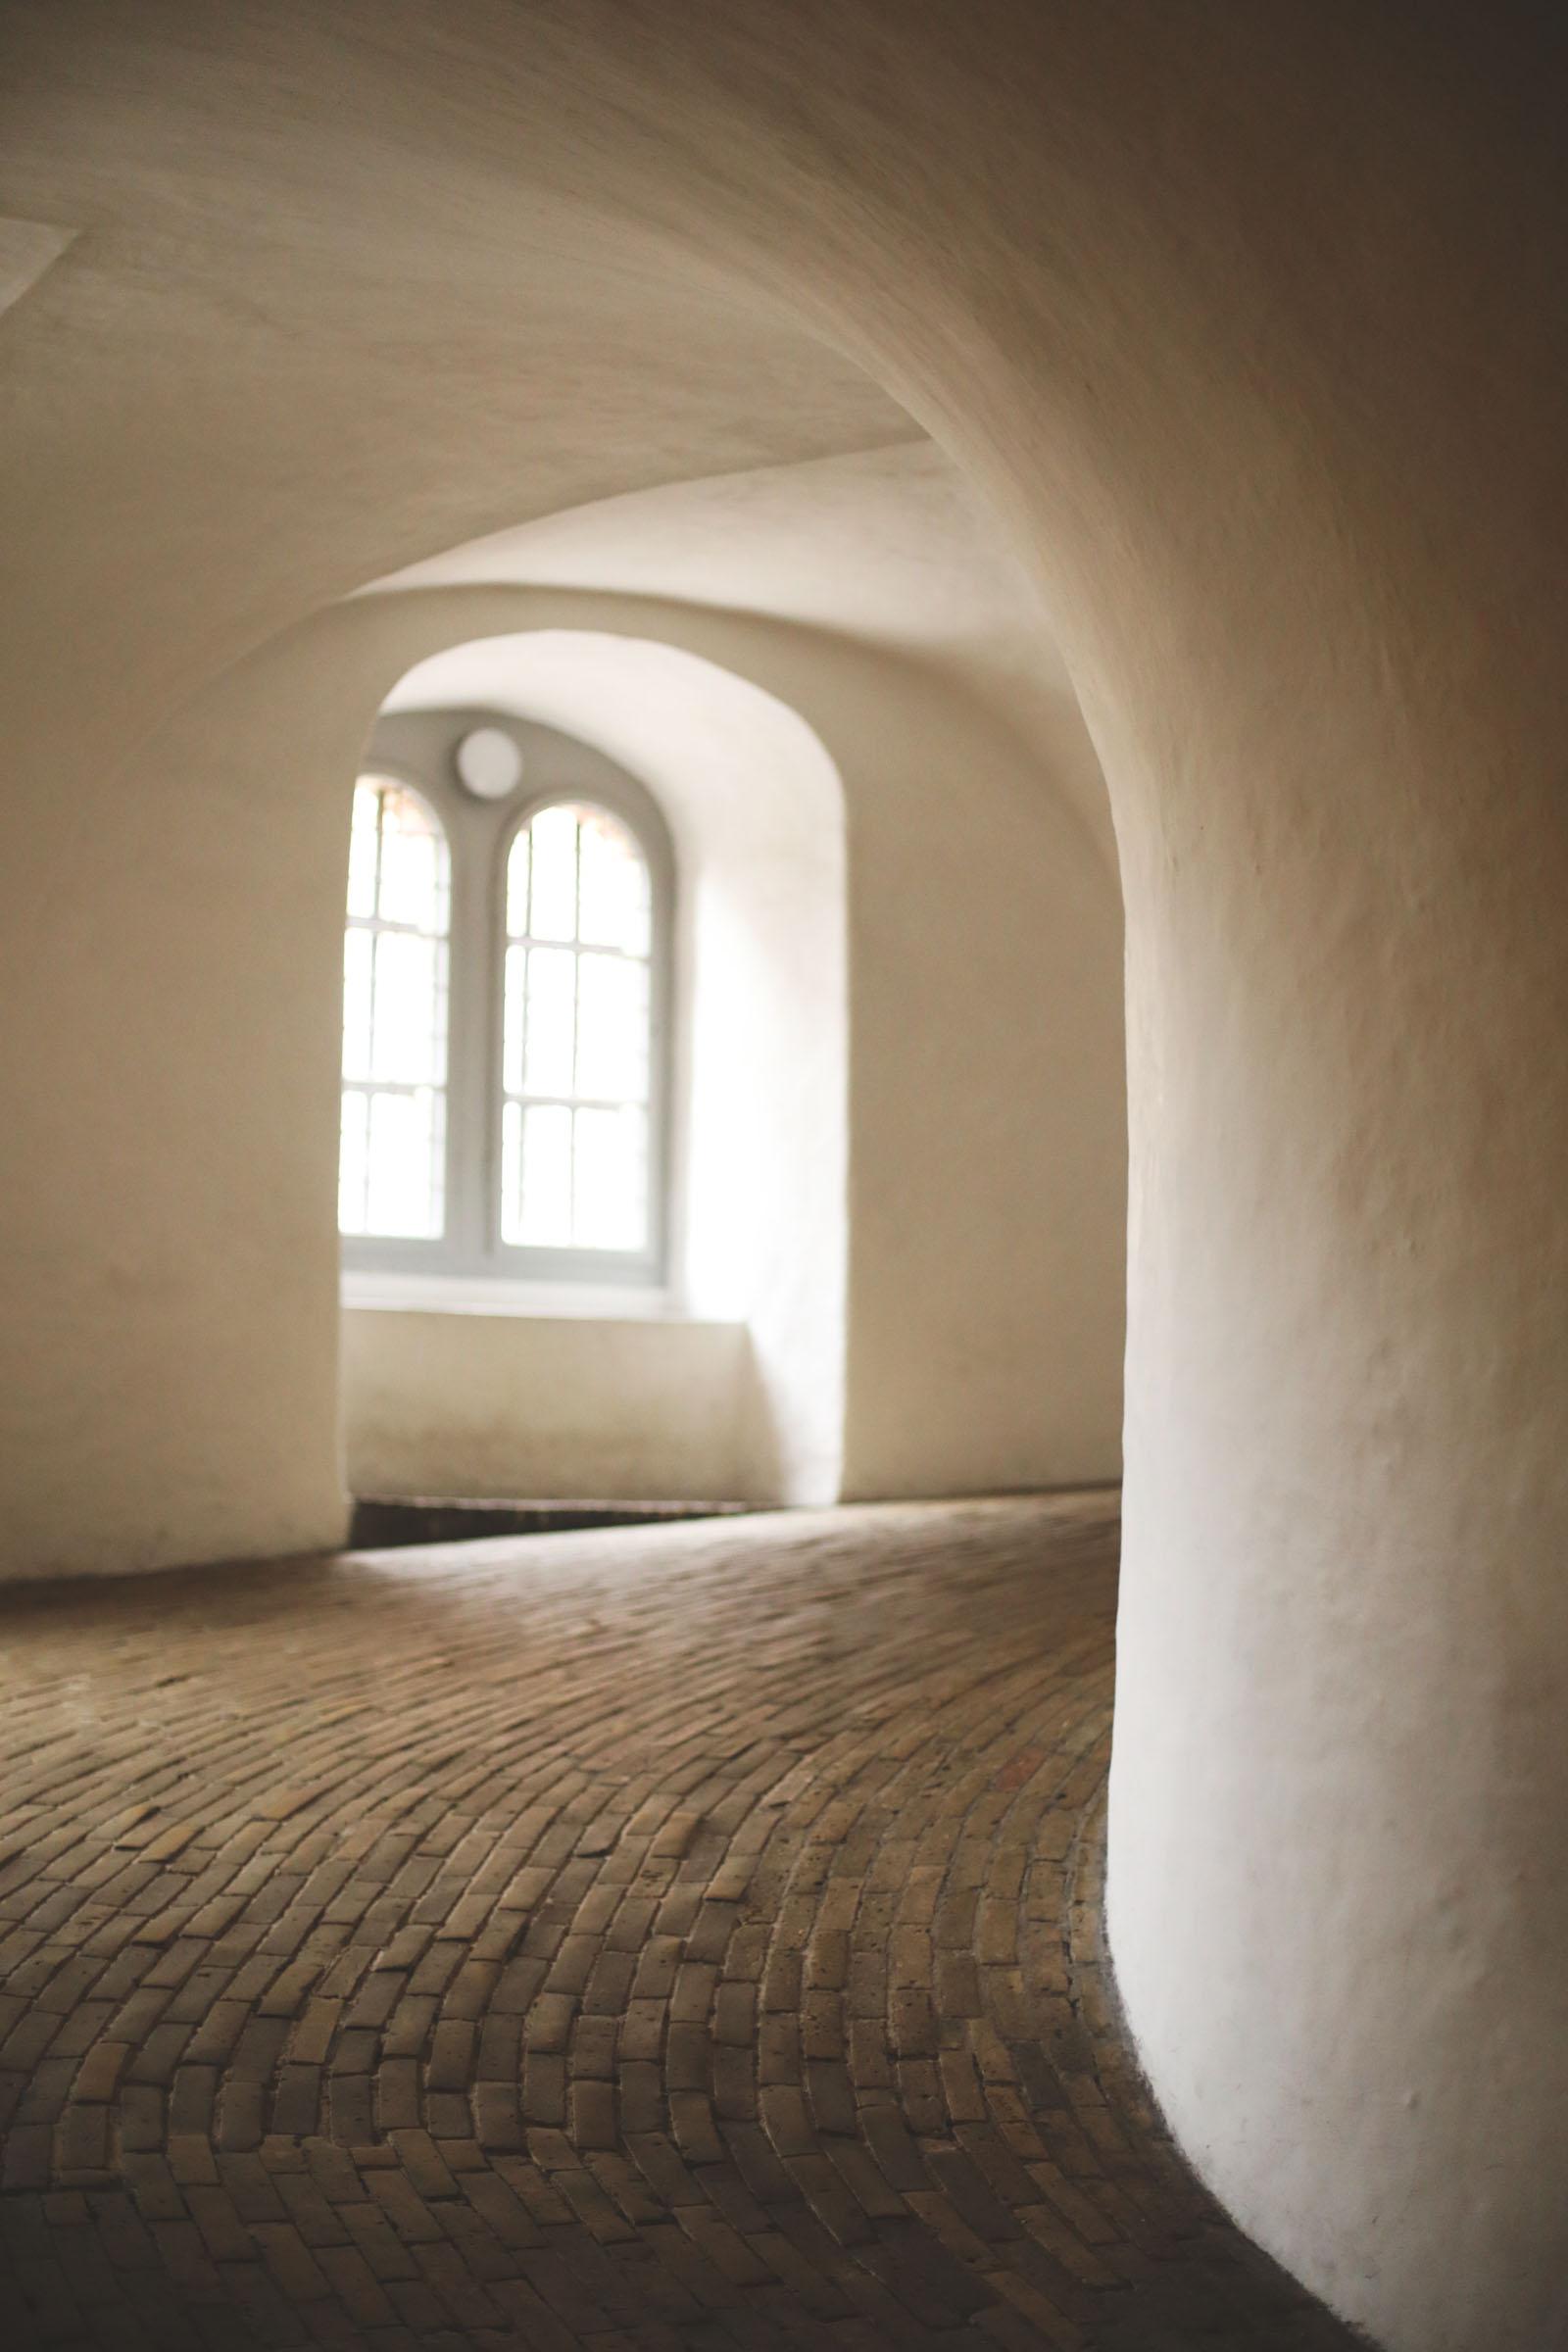 AwayWeWent_Copenhagen_Rundetaarn_001.jpg